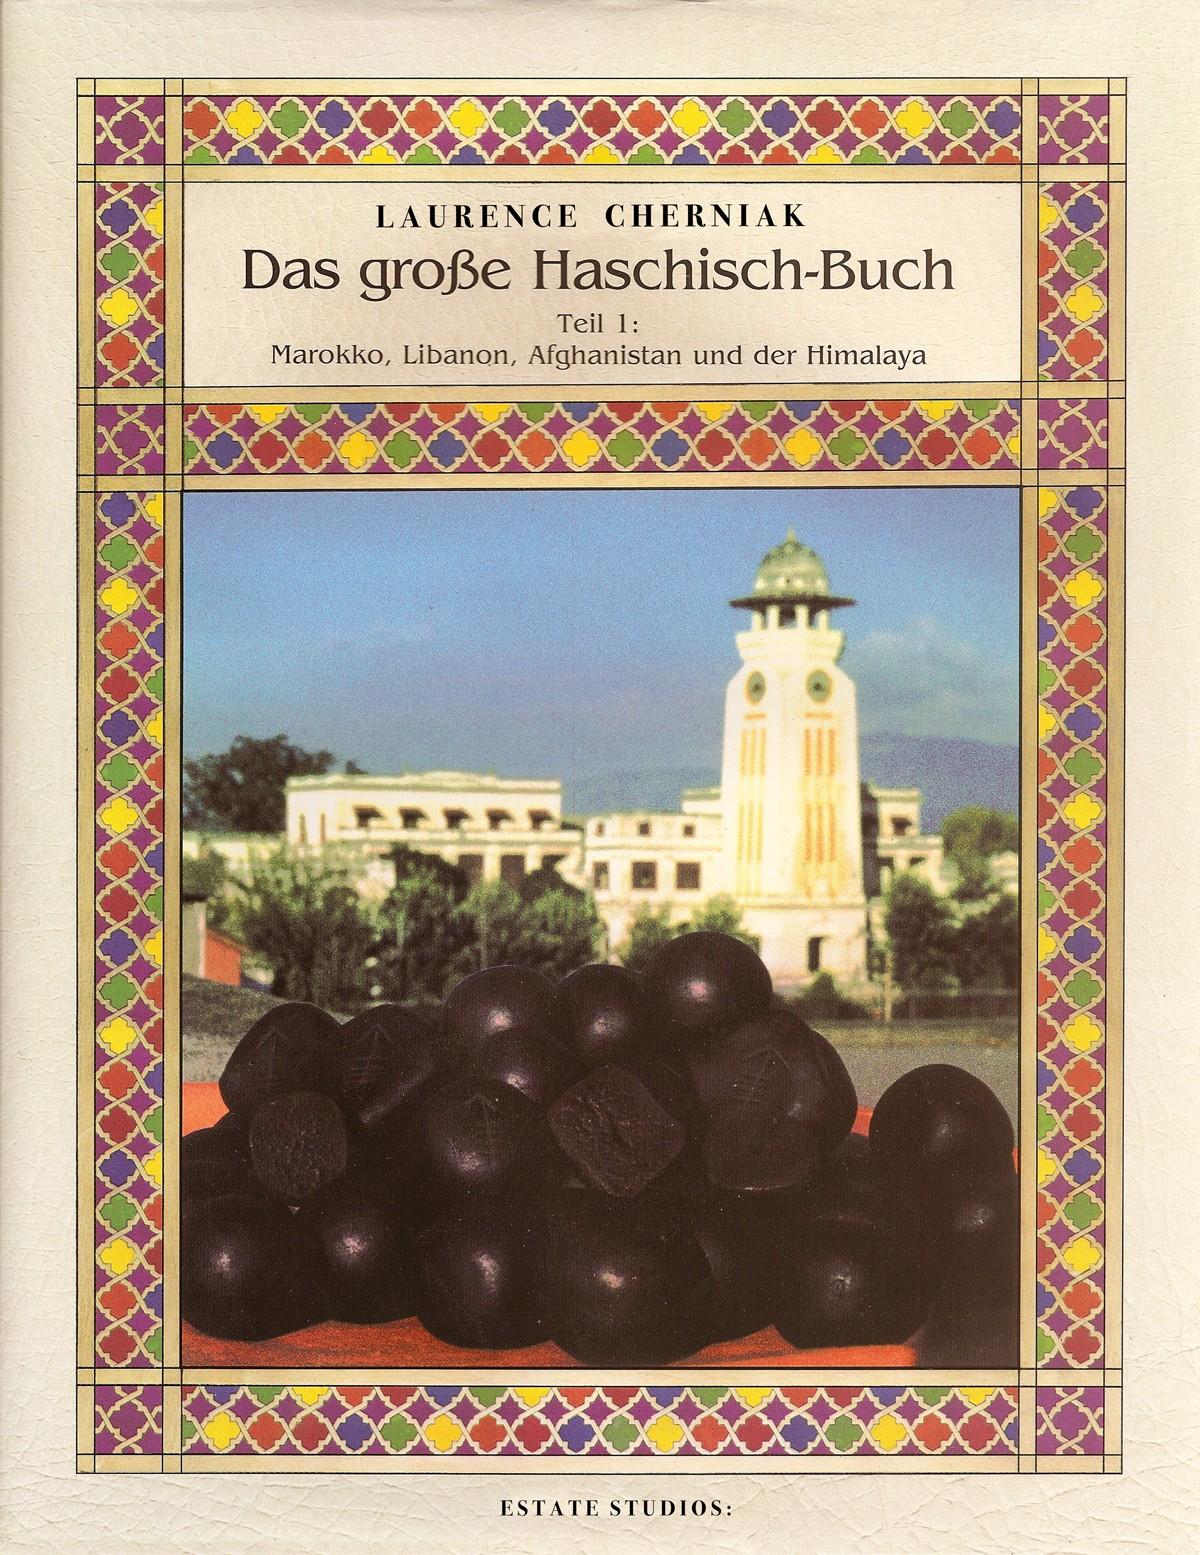 Das grosse Haschisch-Buch